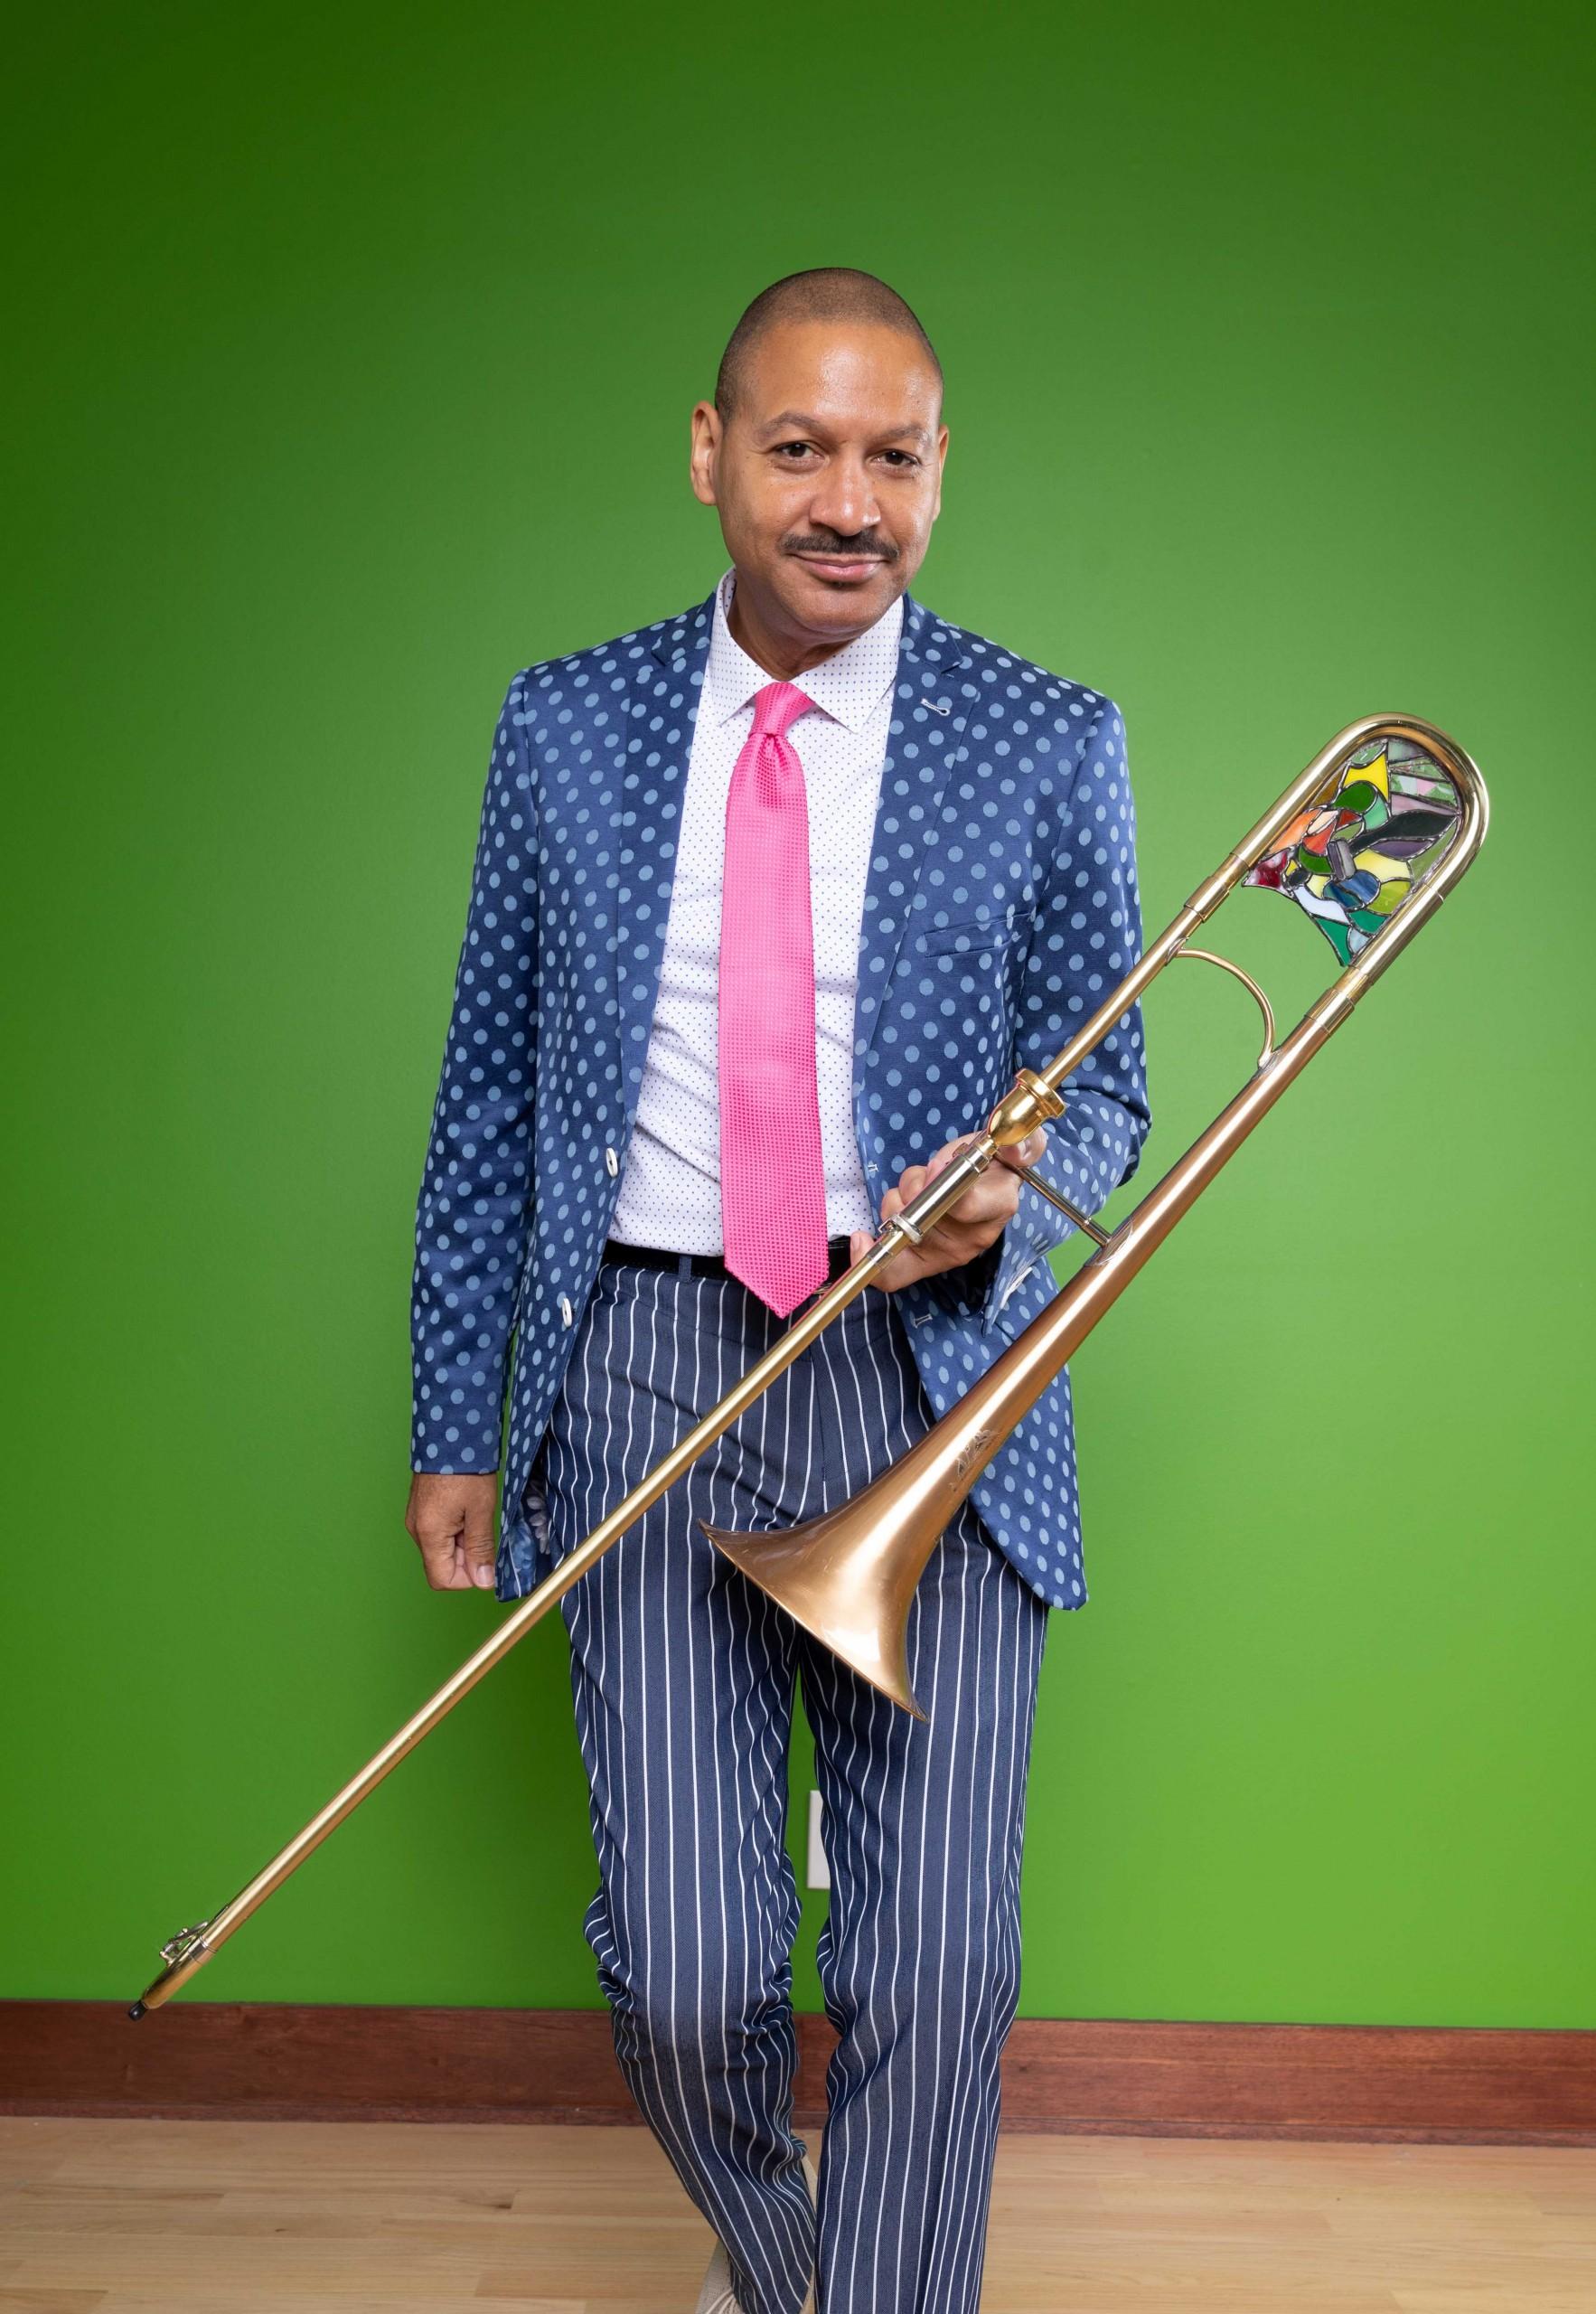 Photo of Delfeayo Marsalis holding a trombone